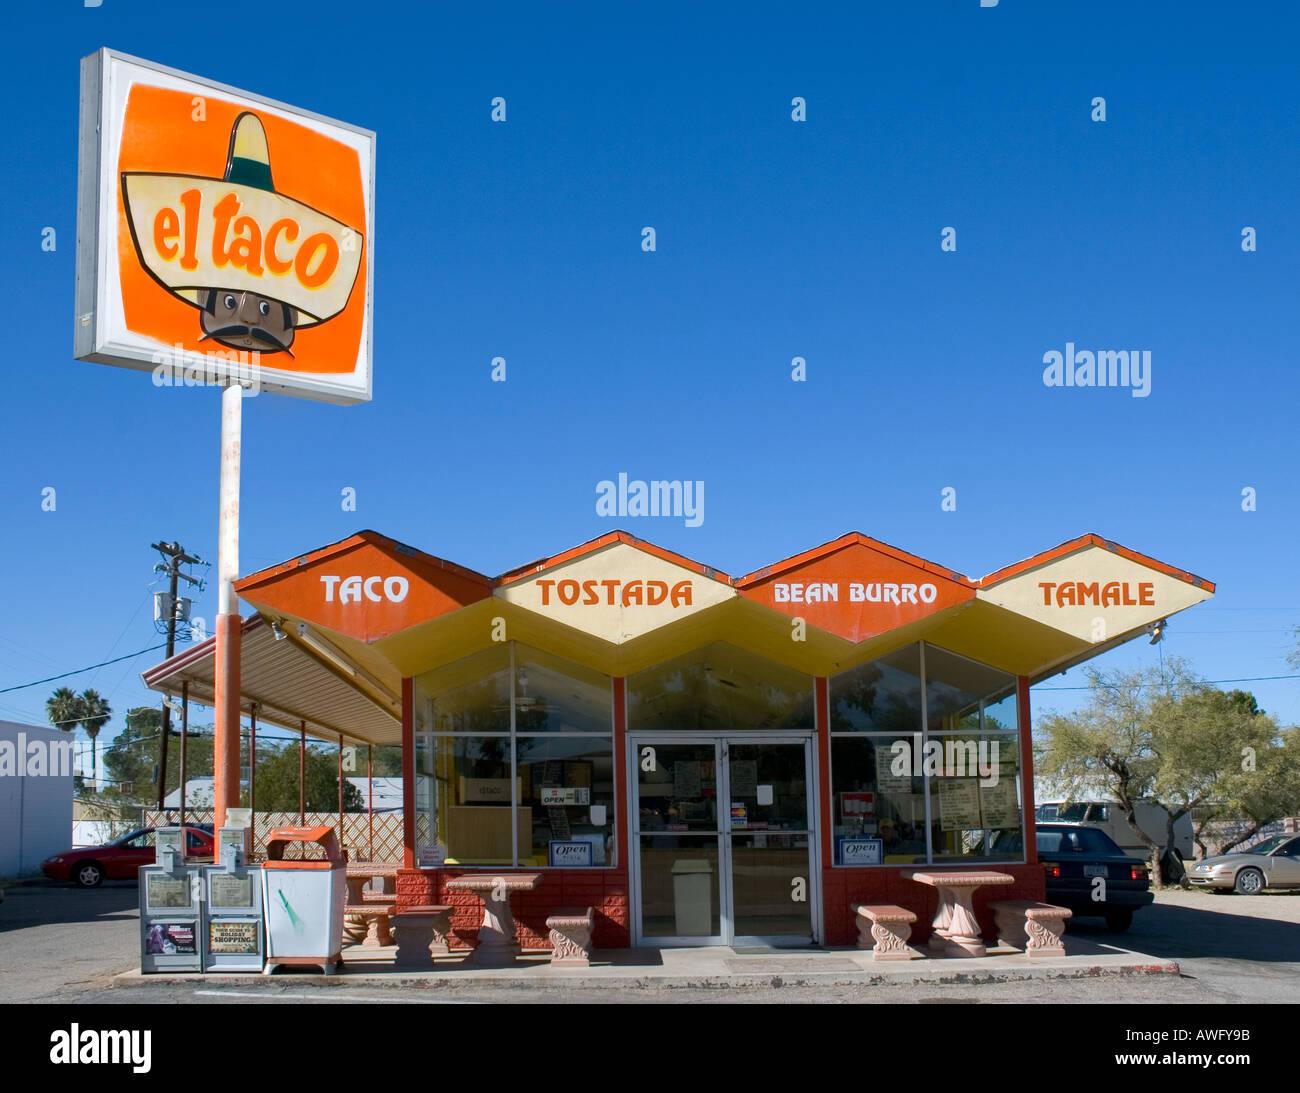 Tucson Free Food